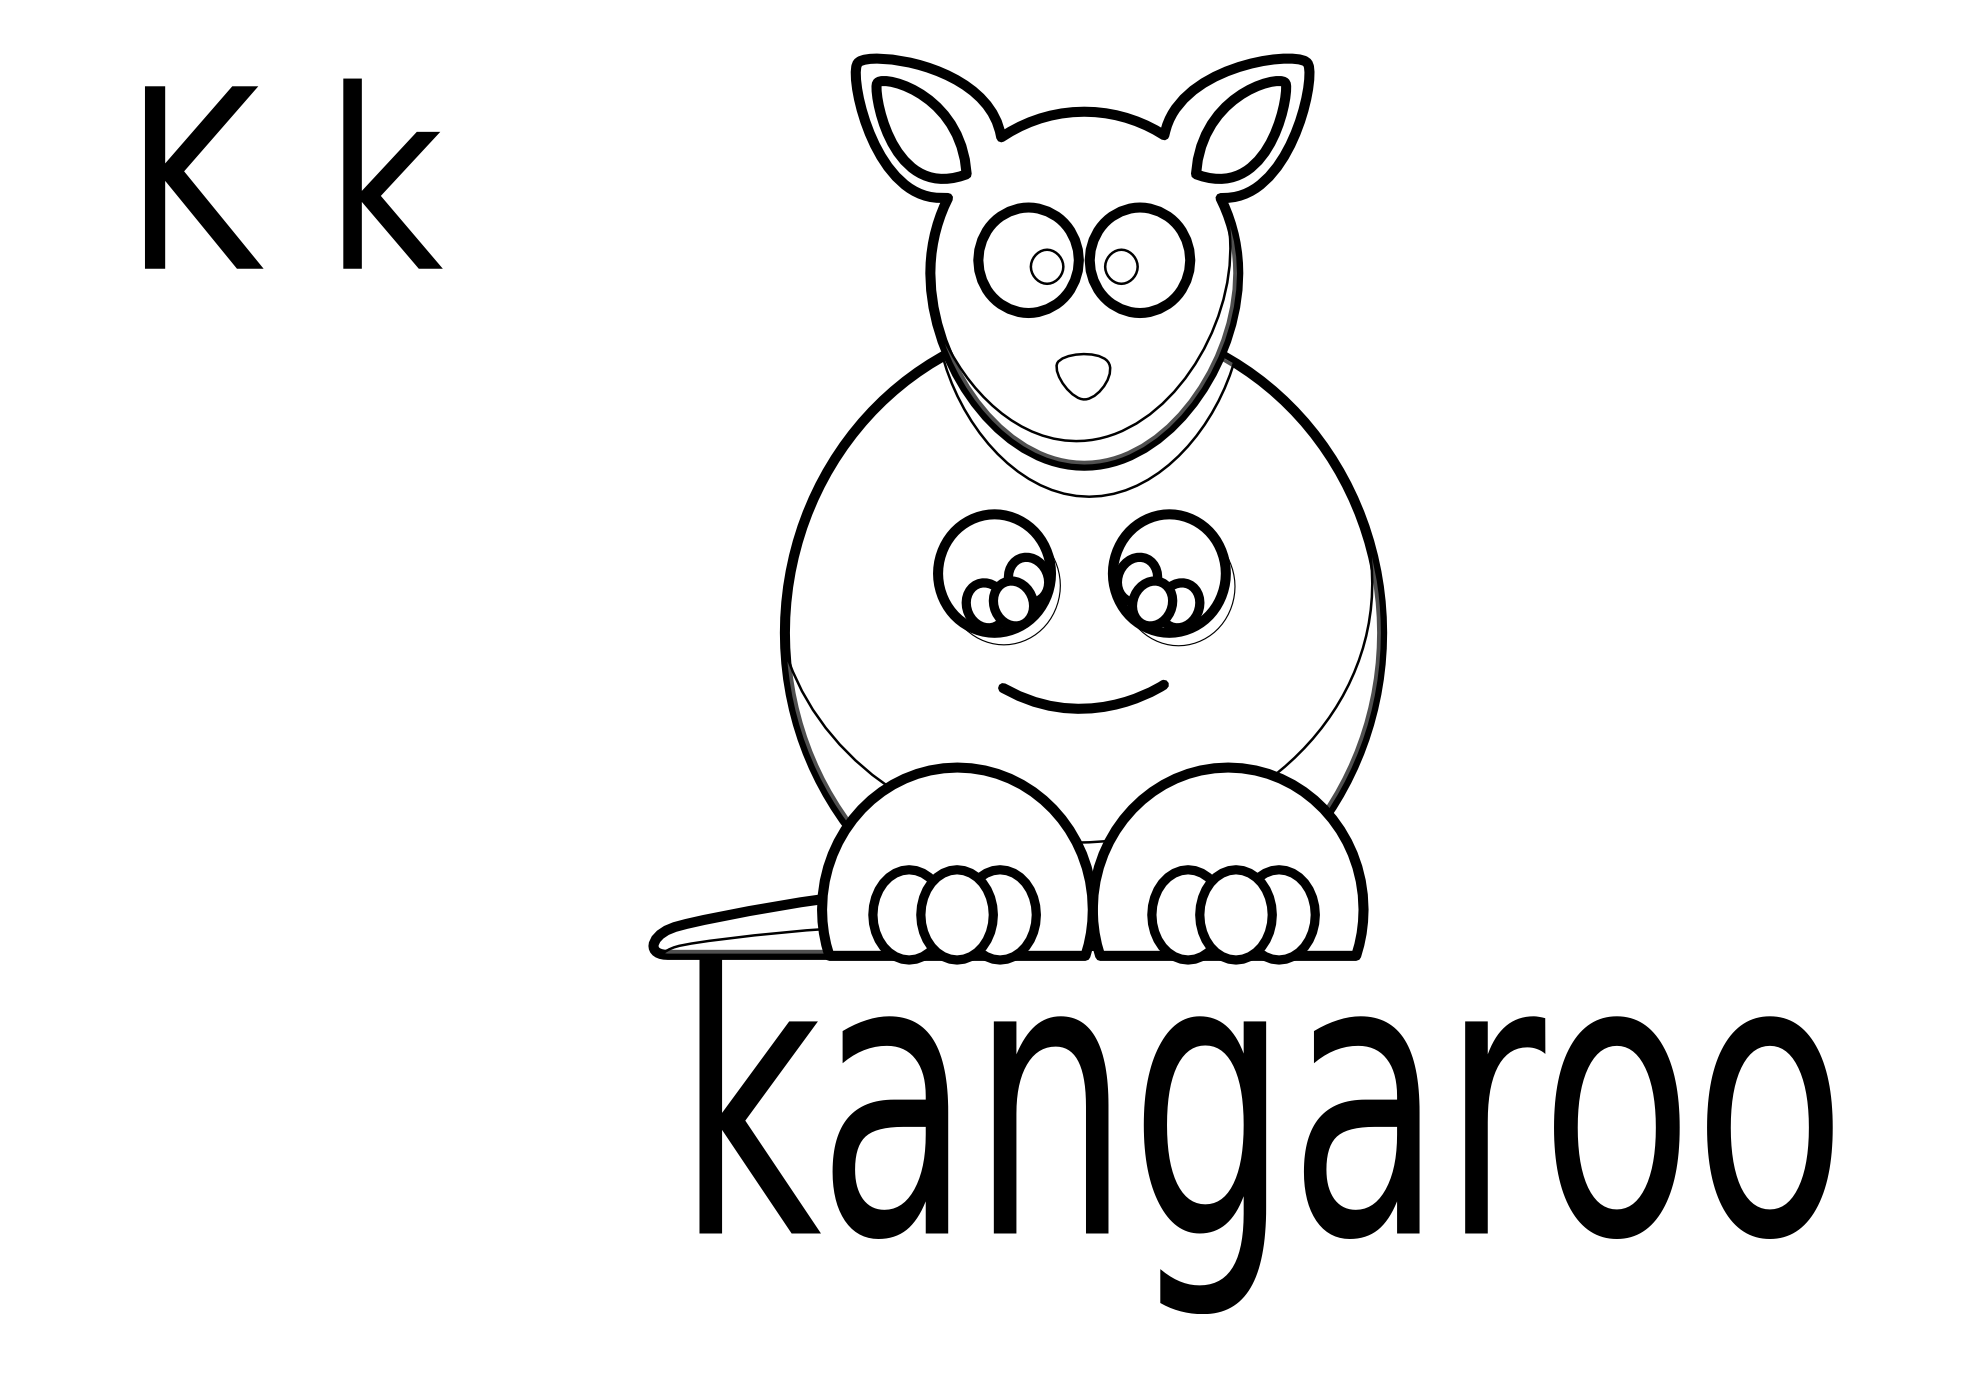 Kangaroo clipart black and white. Clipartist net clip art